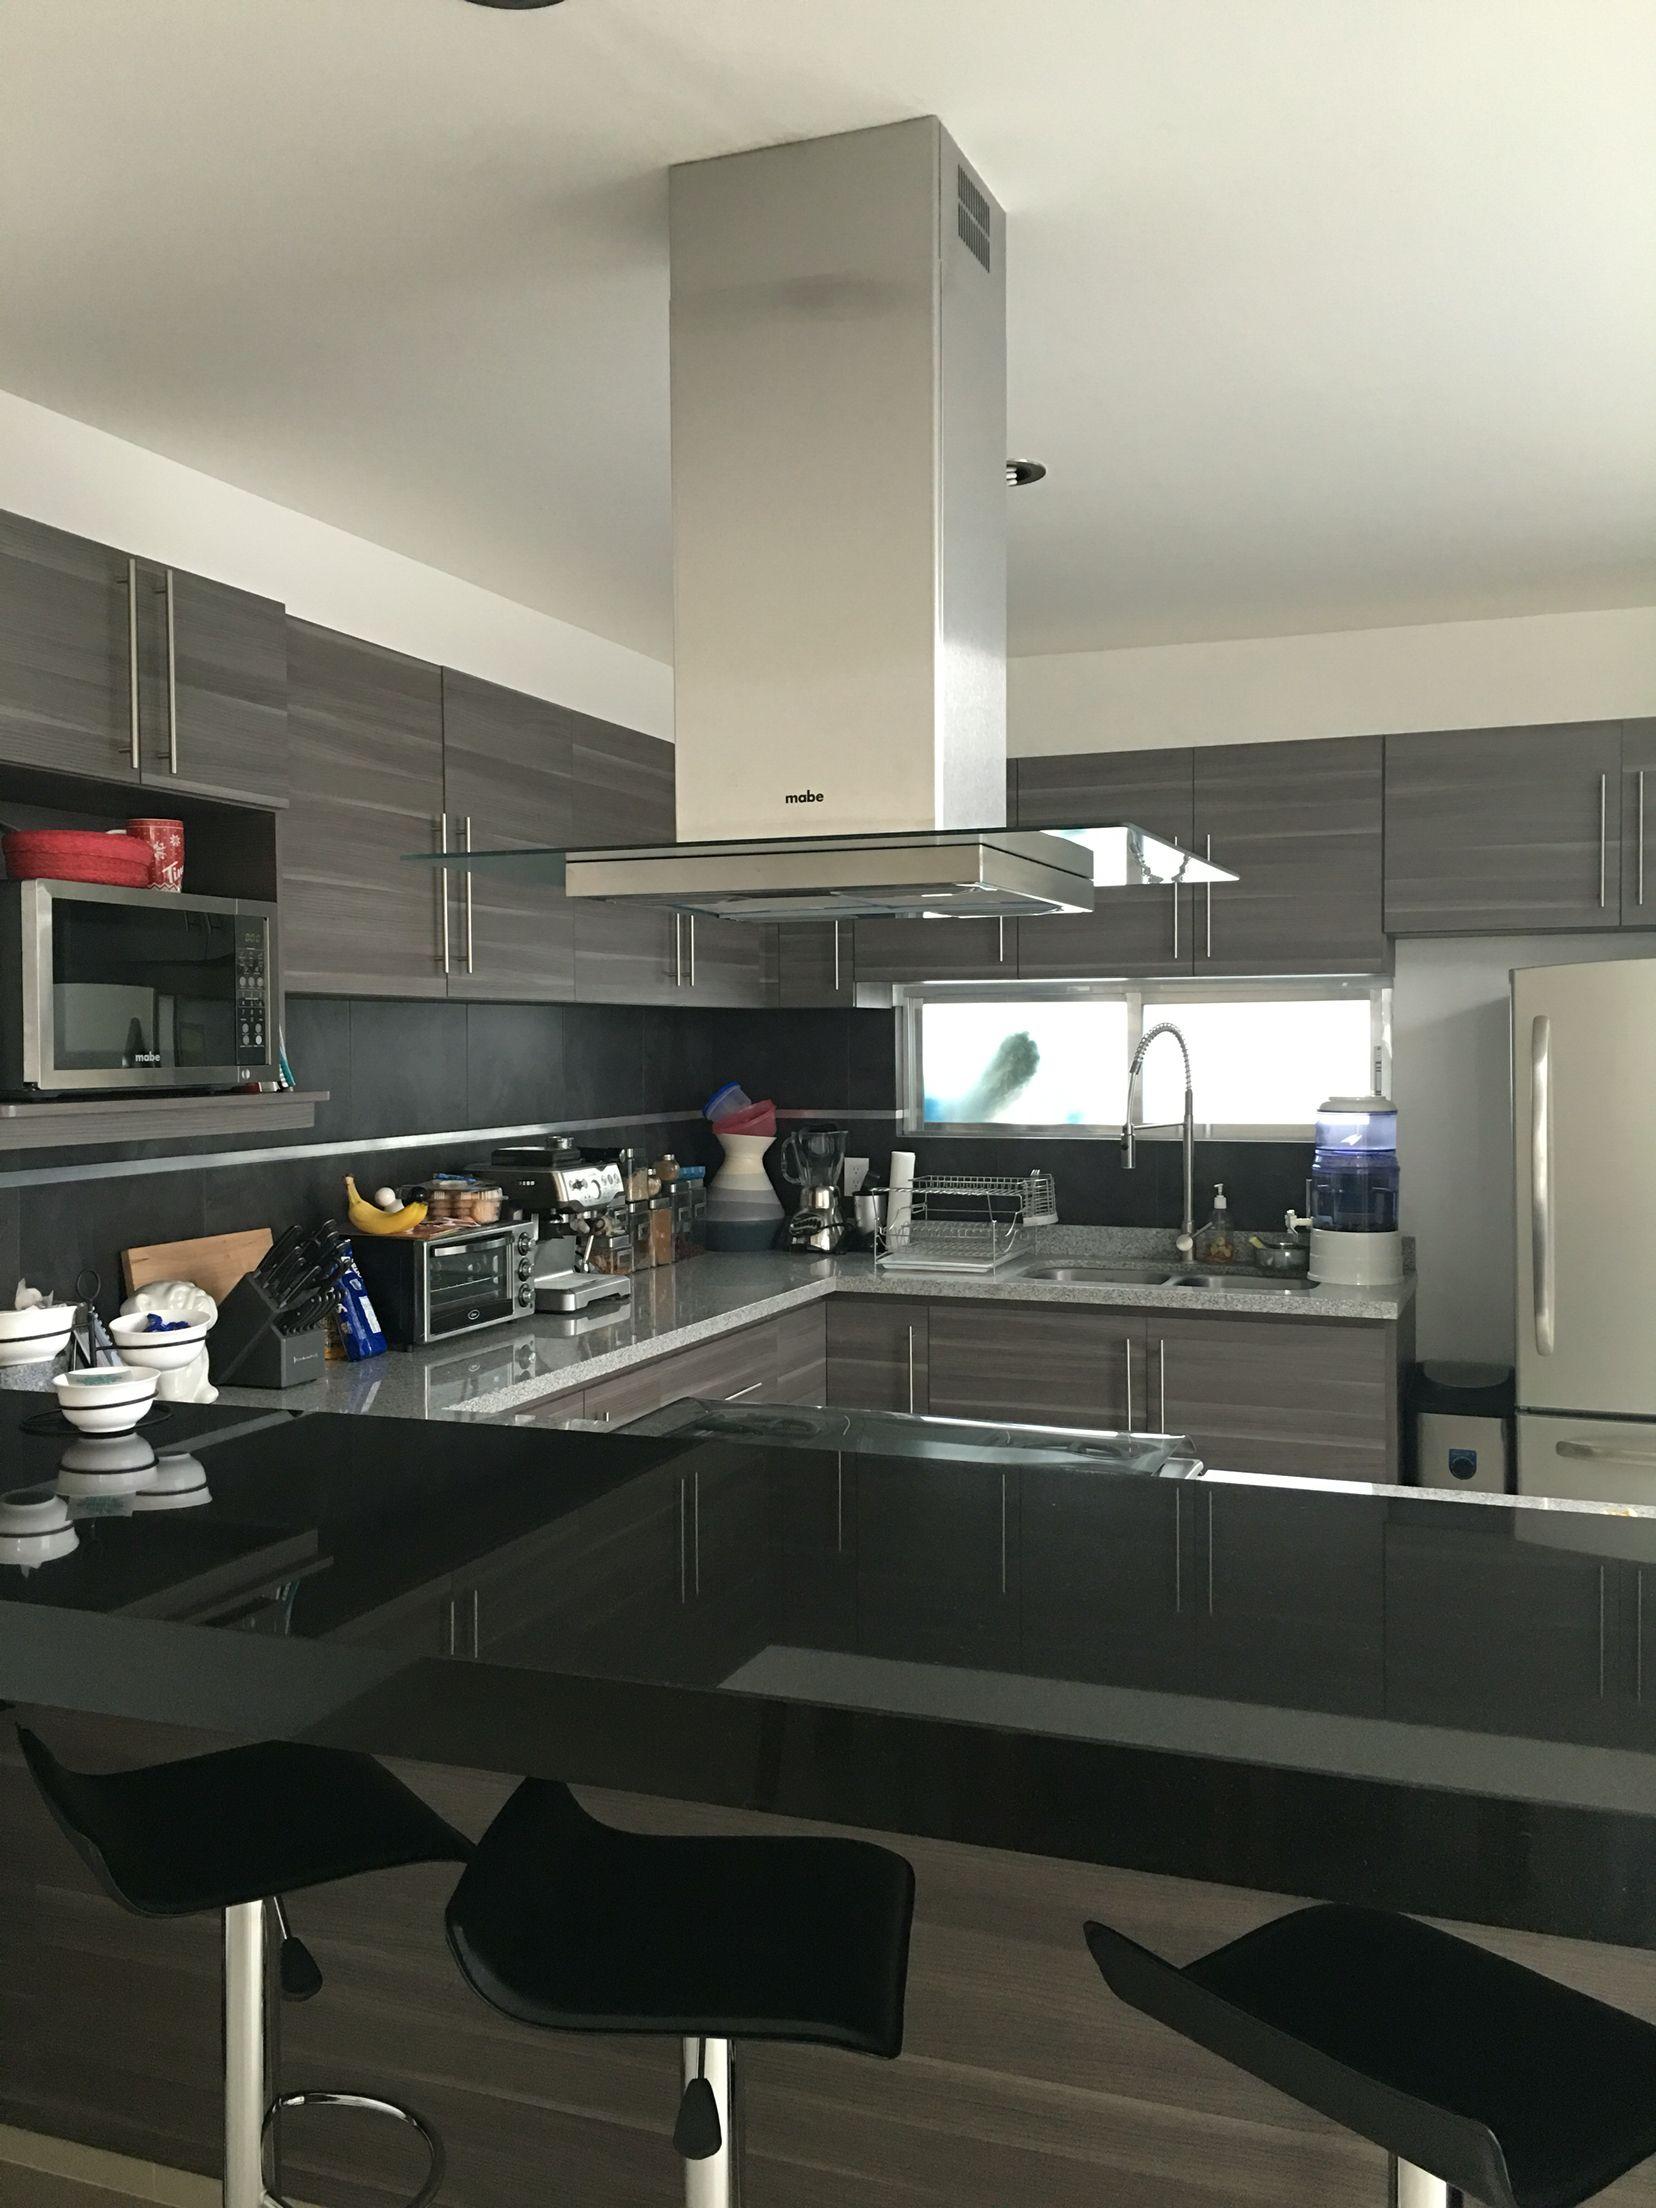 Cocina integral con barra de granito bicolor milenio iii for Barras para cocinas integrales